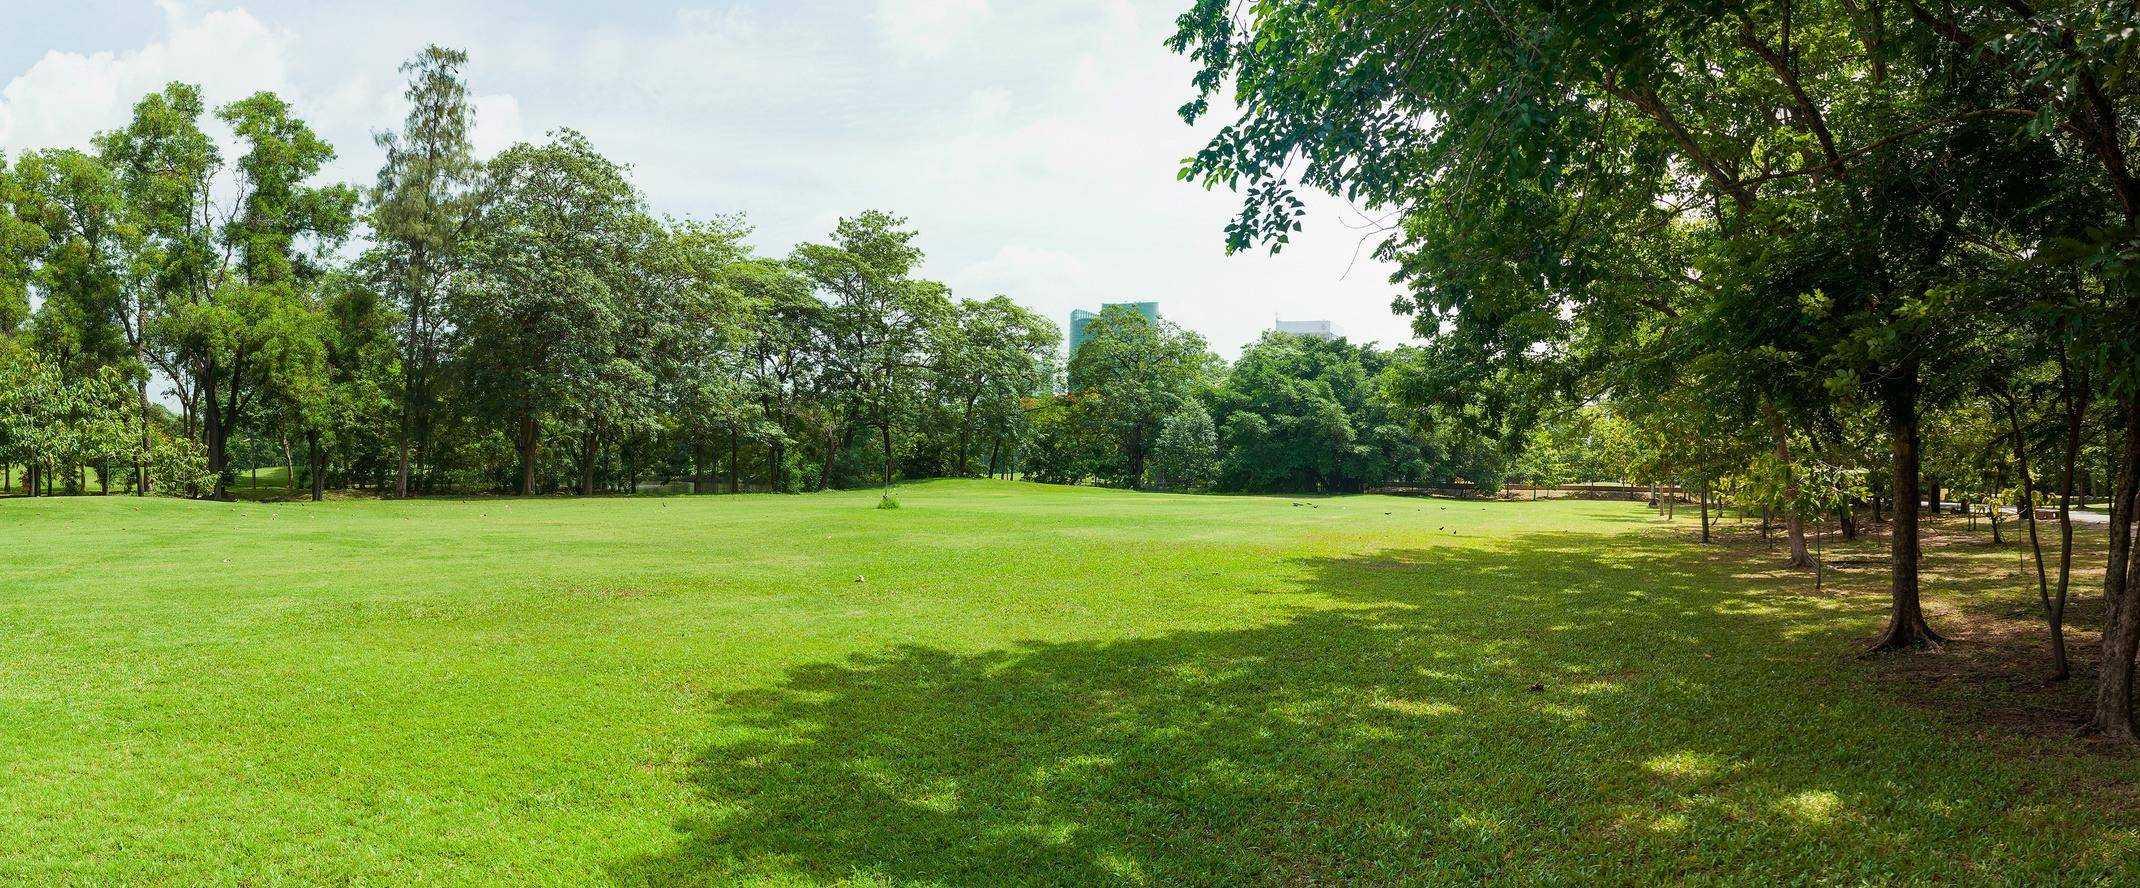 Parcs et jardins for Entretien jardin saint malo